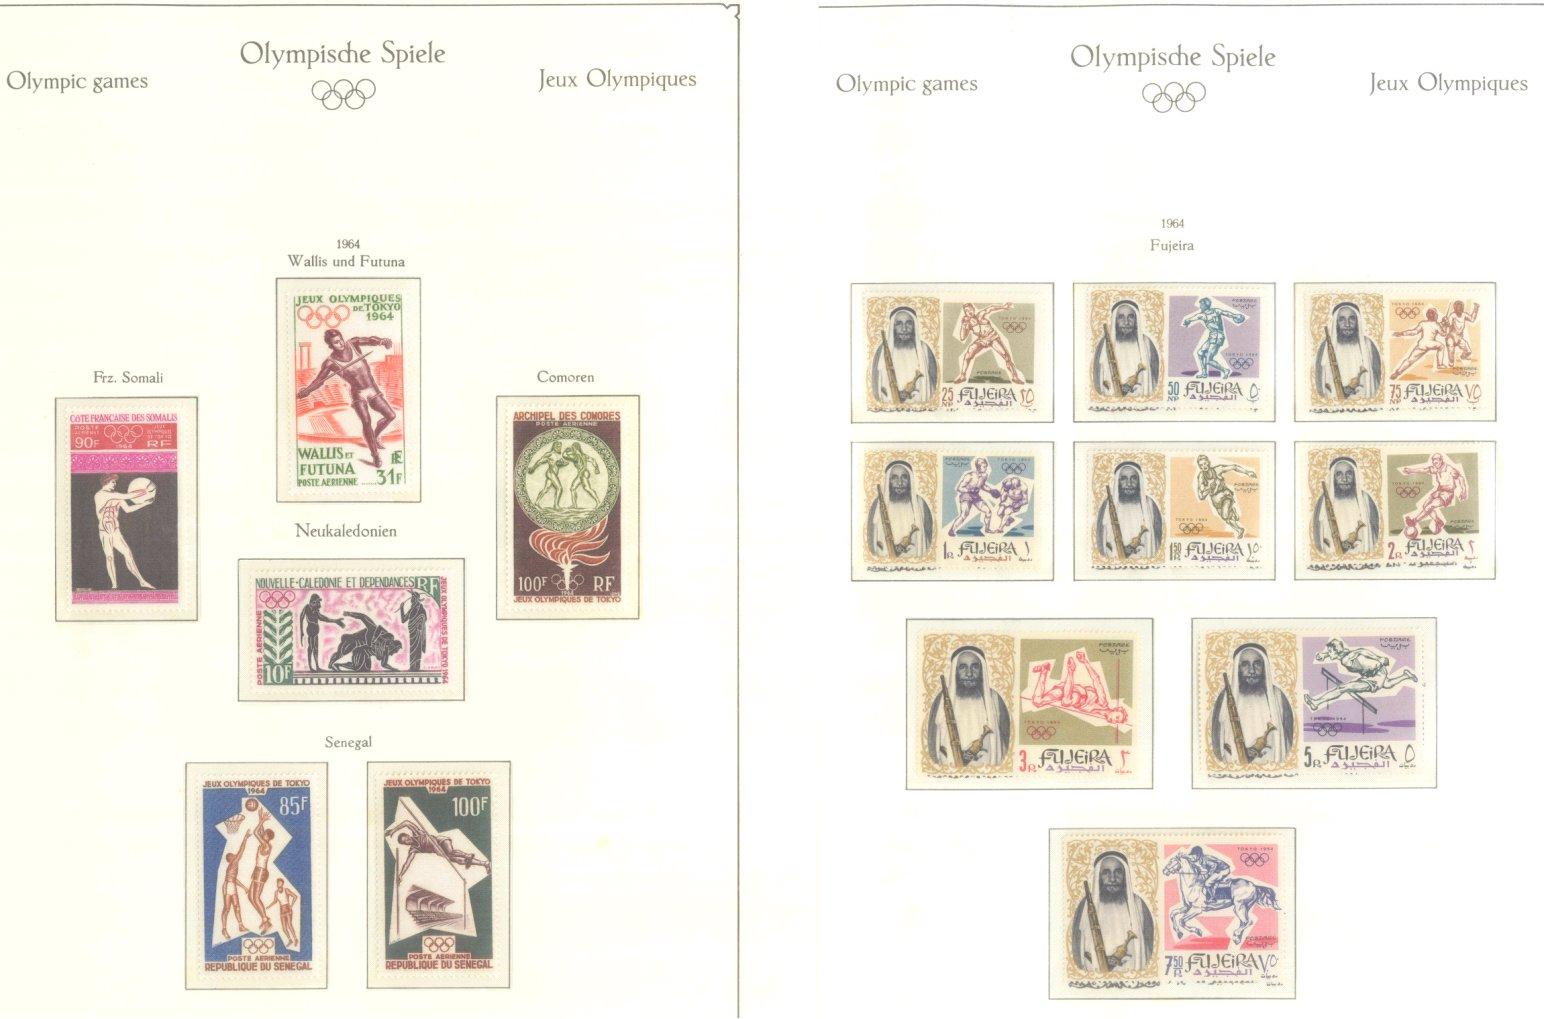 OLYMPISCHE SPIELE 1964 TOKIO, postfrische Sammlung Teil 1-12